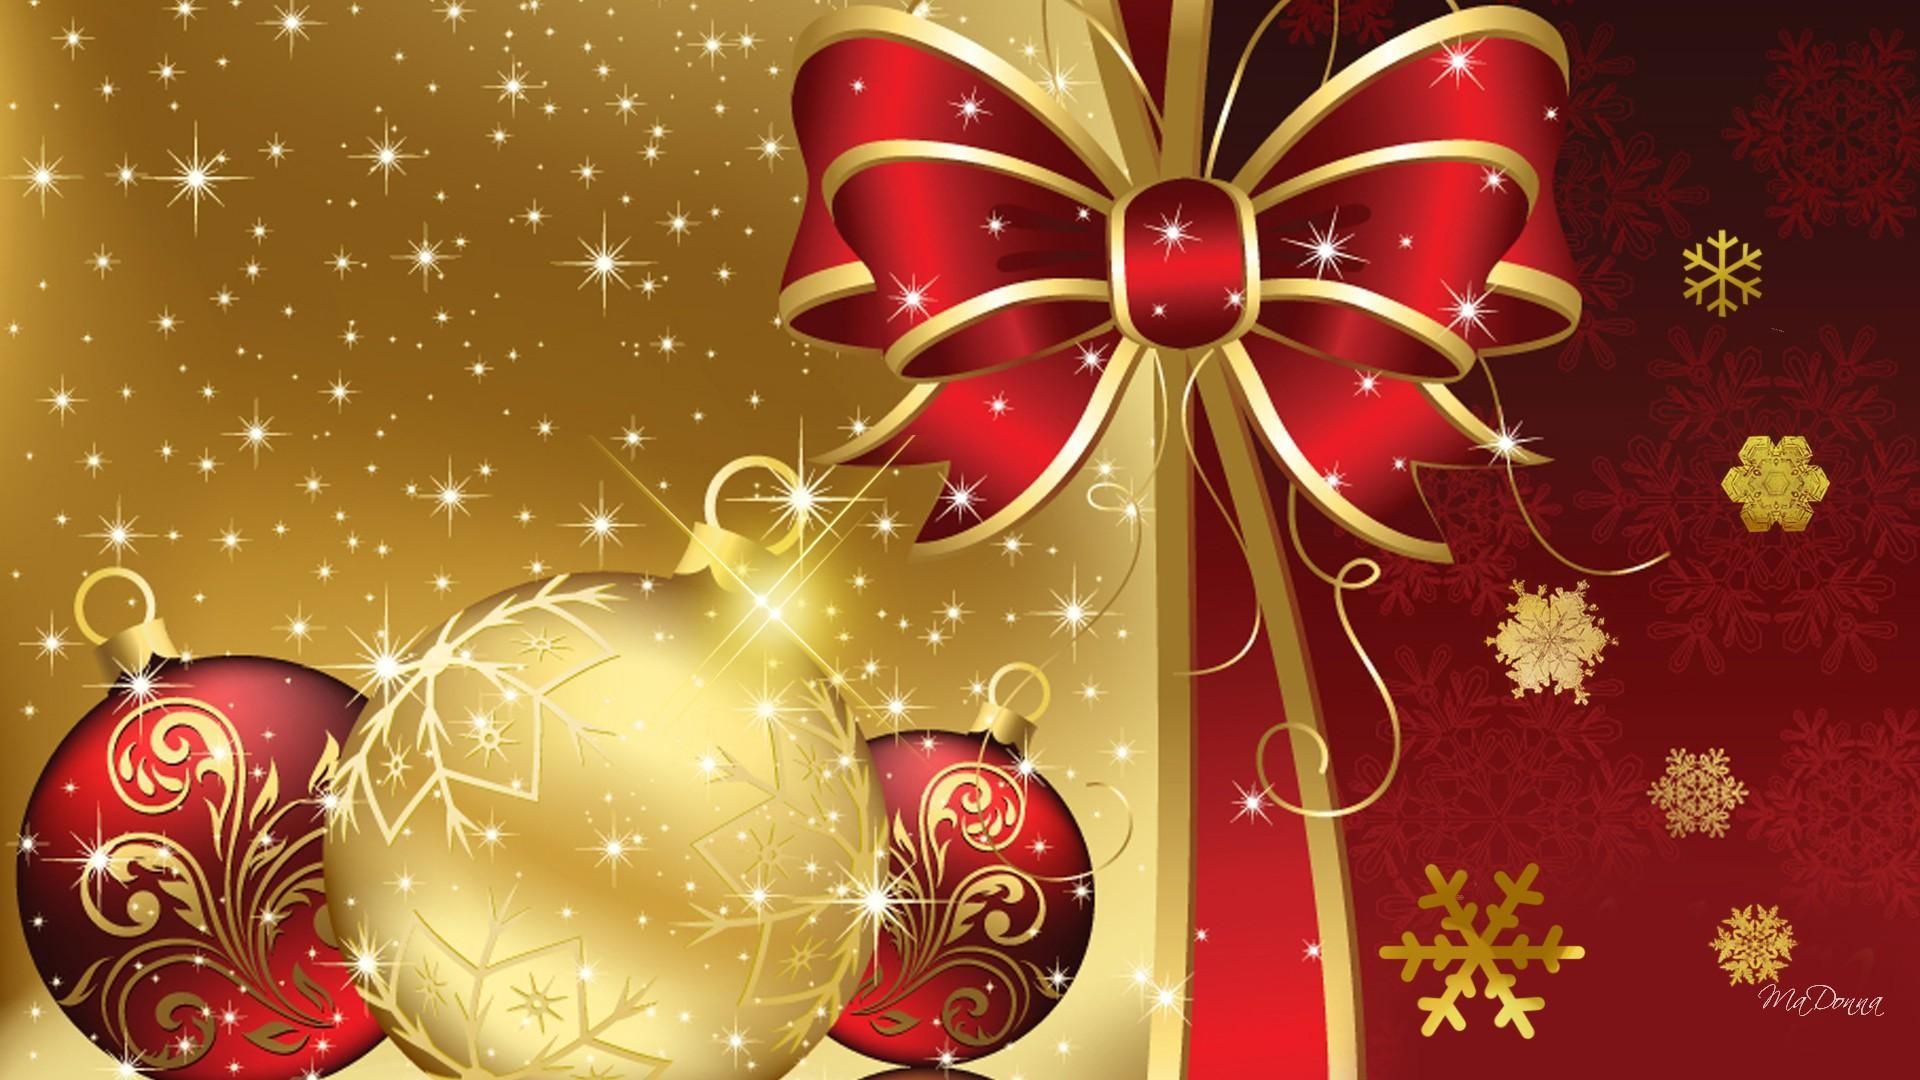 Merry Christmas Wallpaper Clip Art (43+